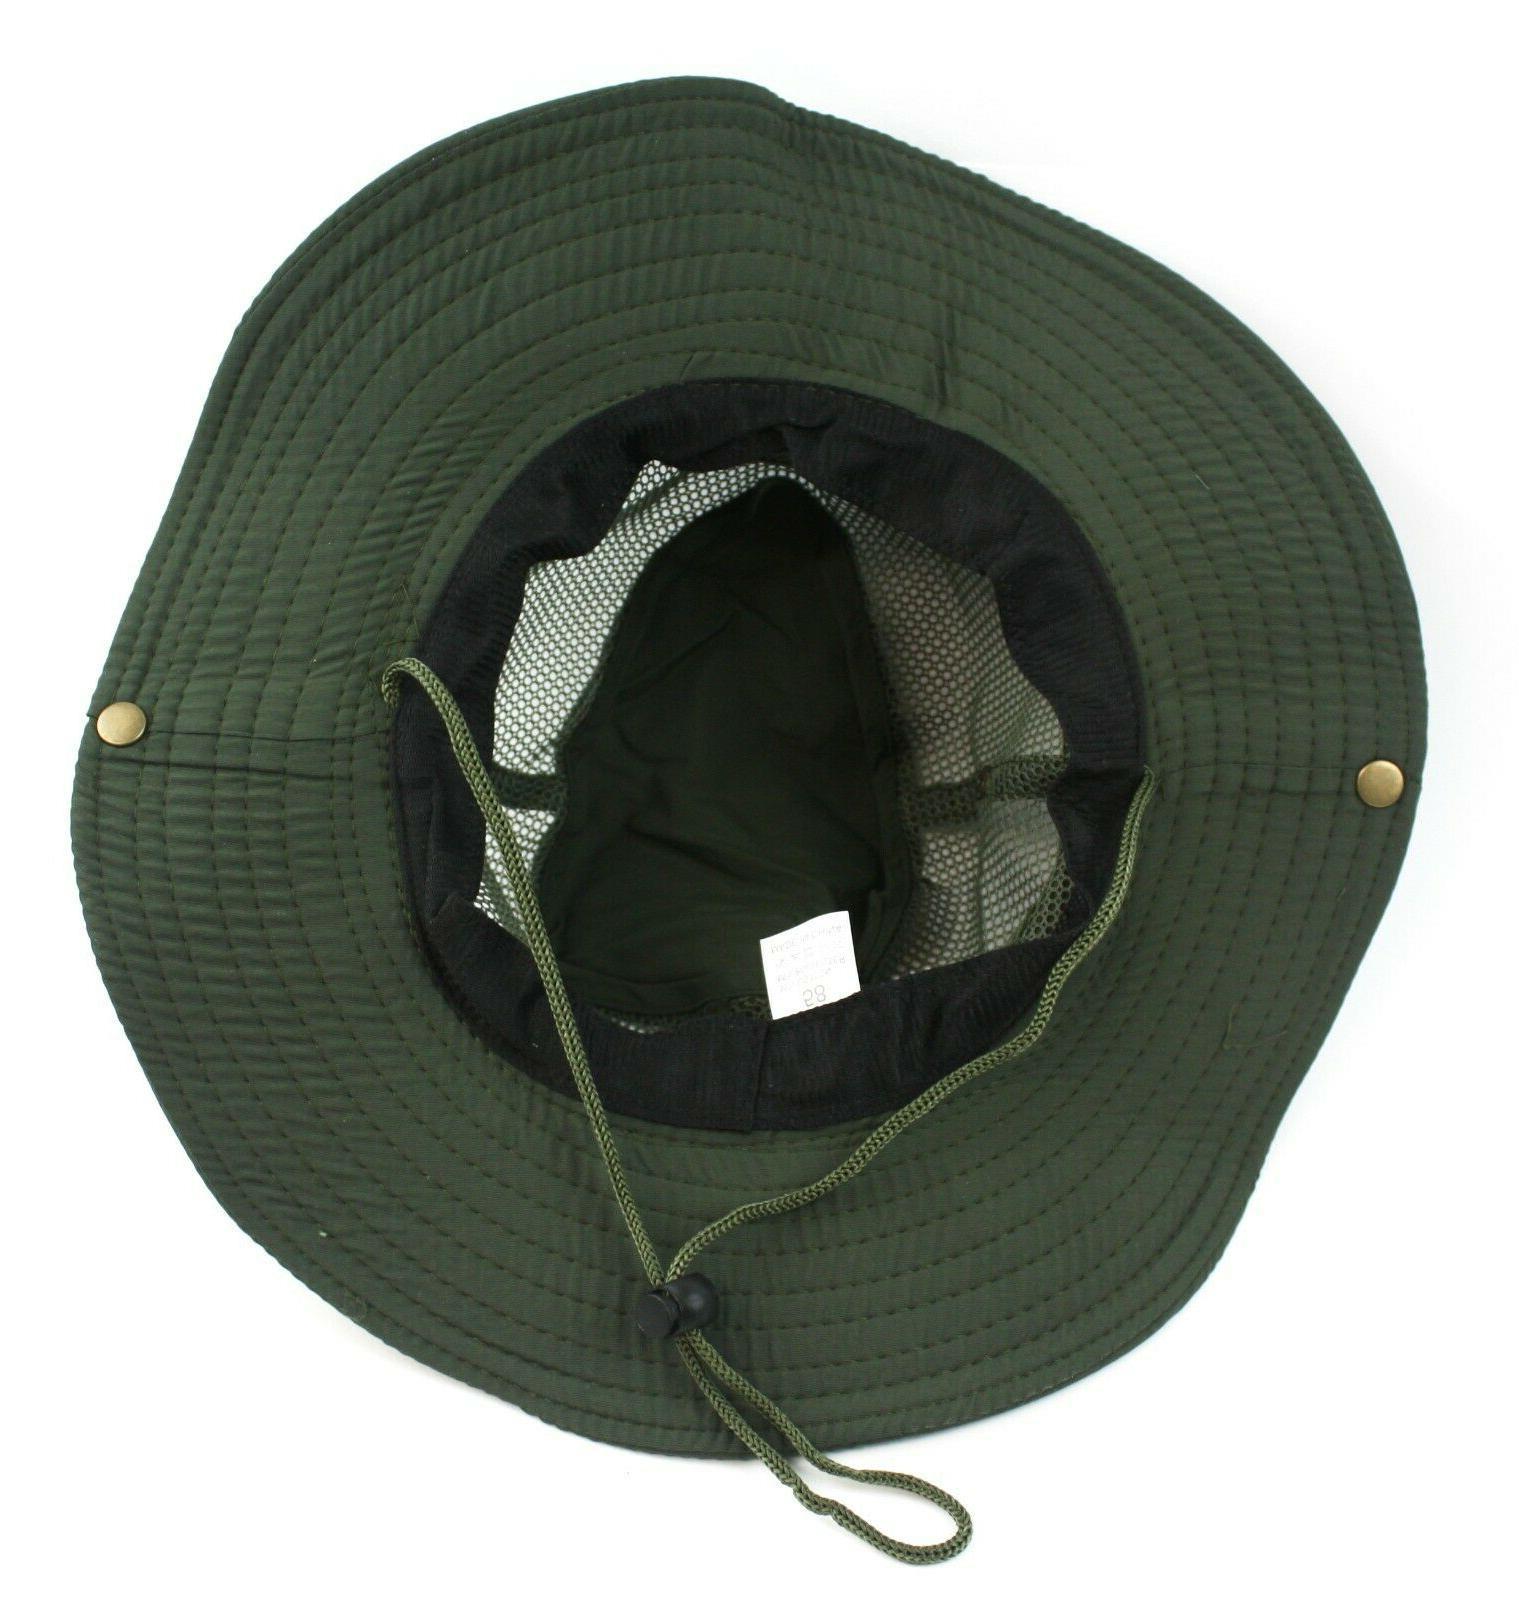 Bucket Hat Fishing Sun Safari Mesh